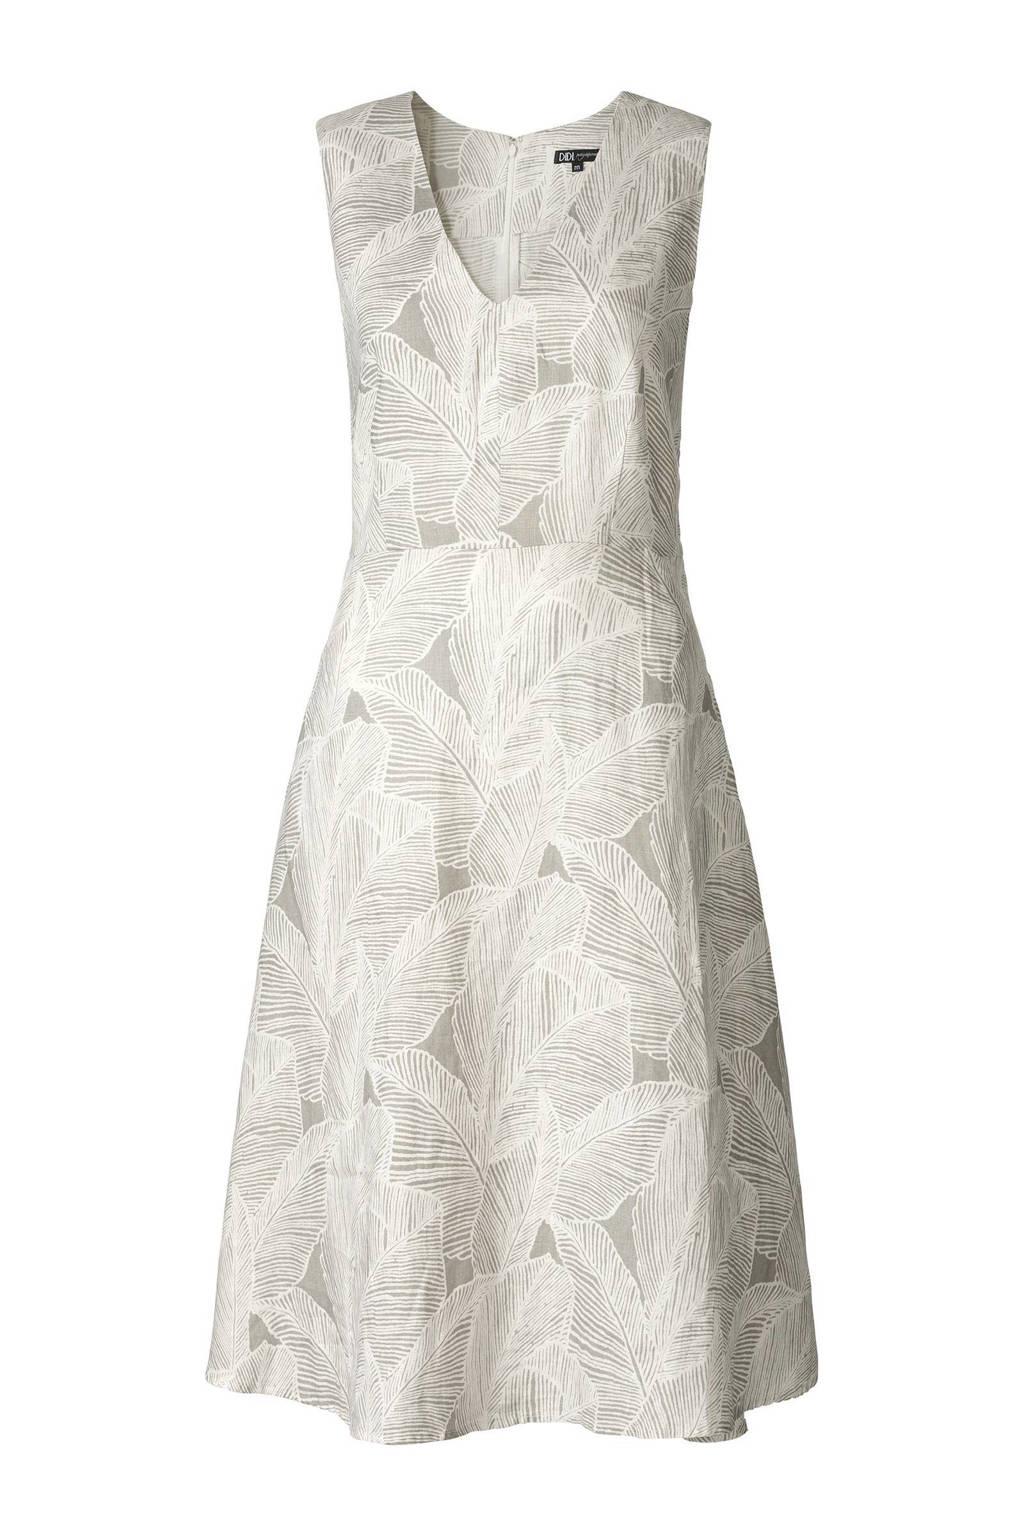 Didi linnen jurk, Wit/grijs